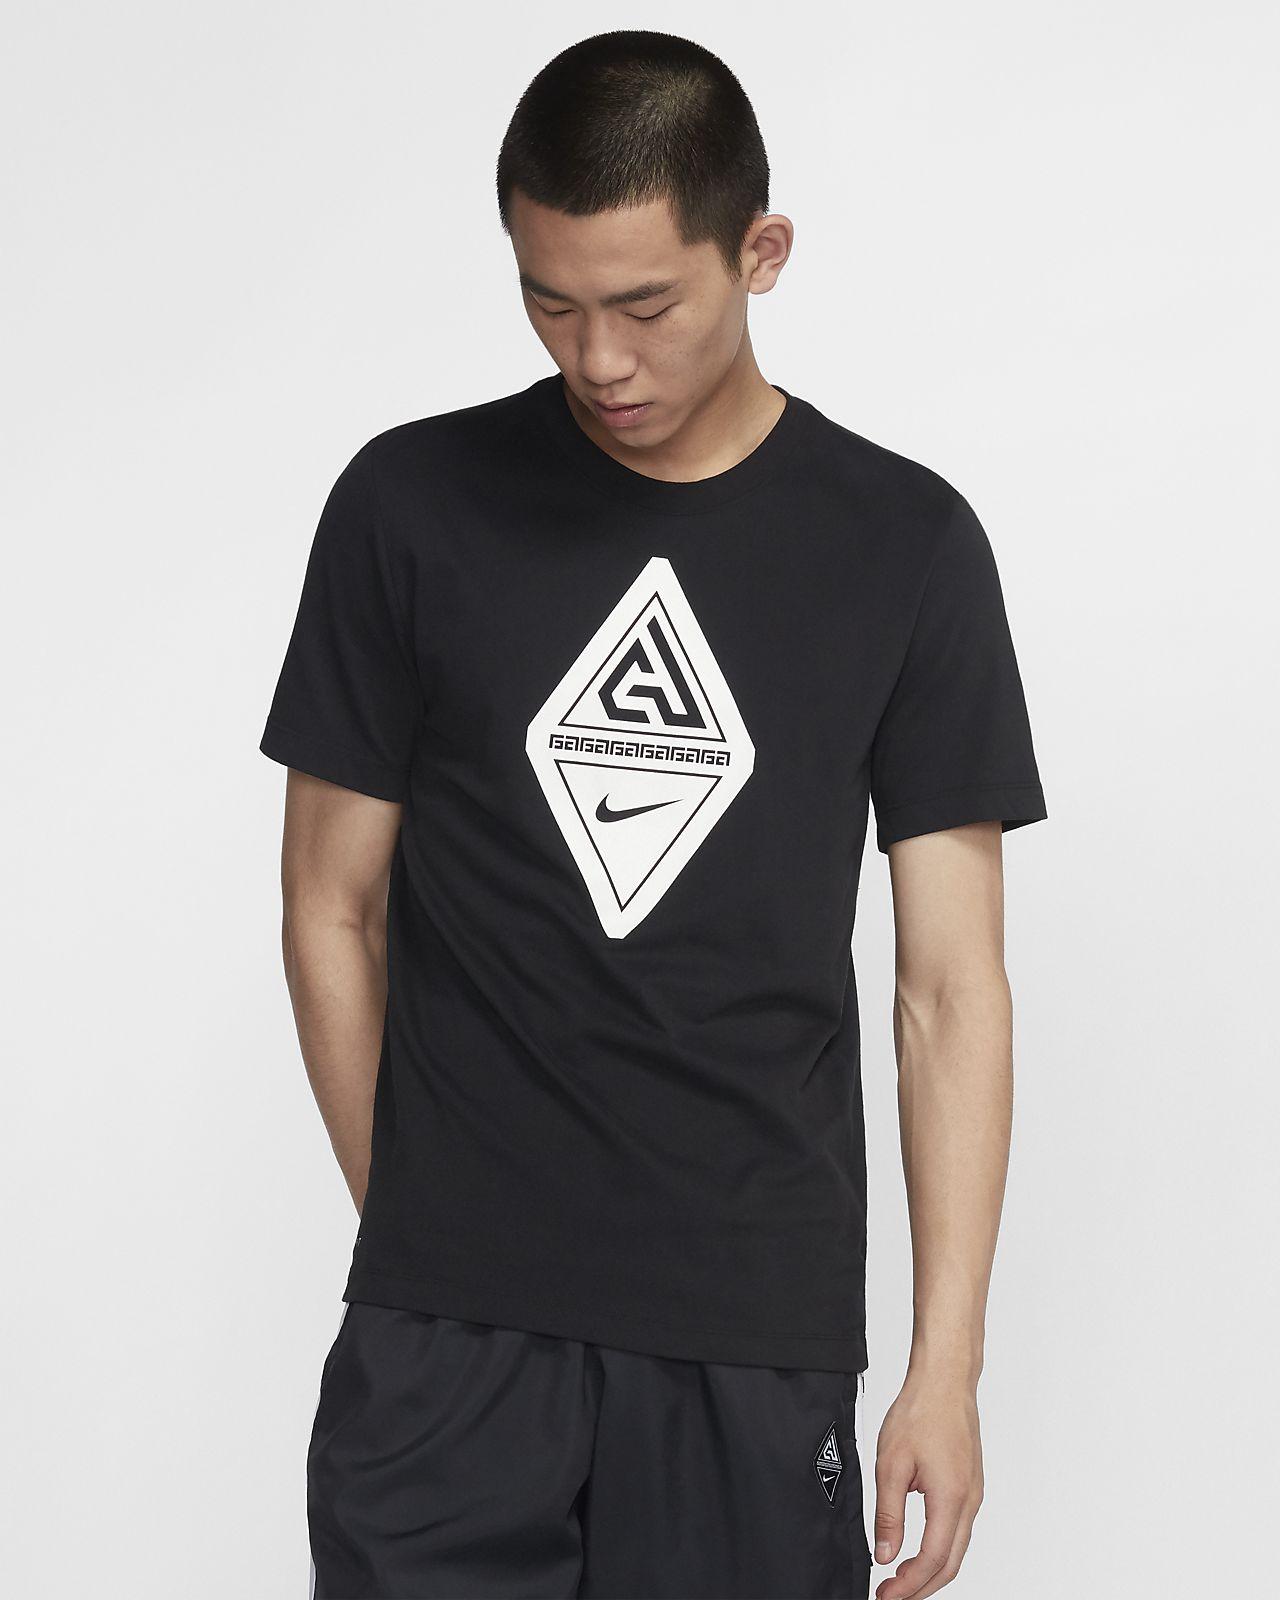 เสื้อยืดบาสเก็ตบอลผู้ชายมีโลโก้ Giannis Nike Dri-FIT